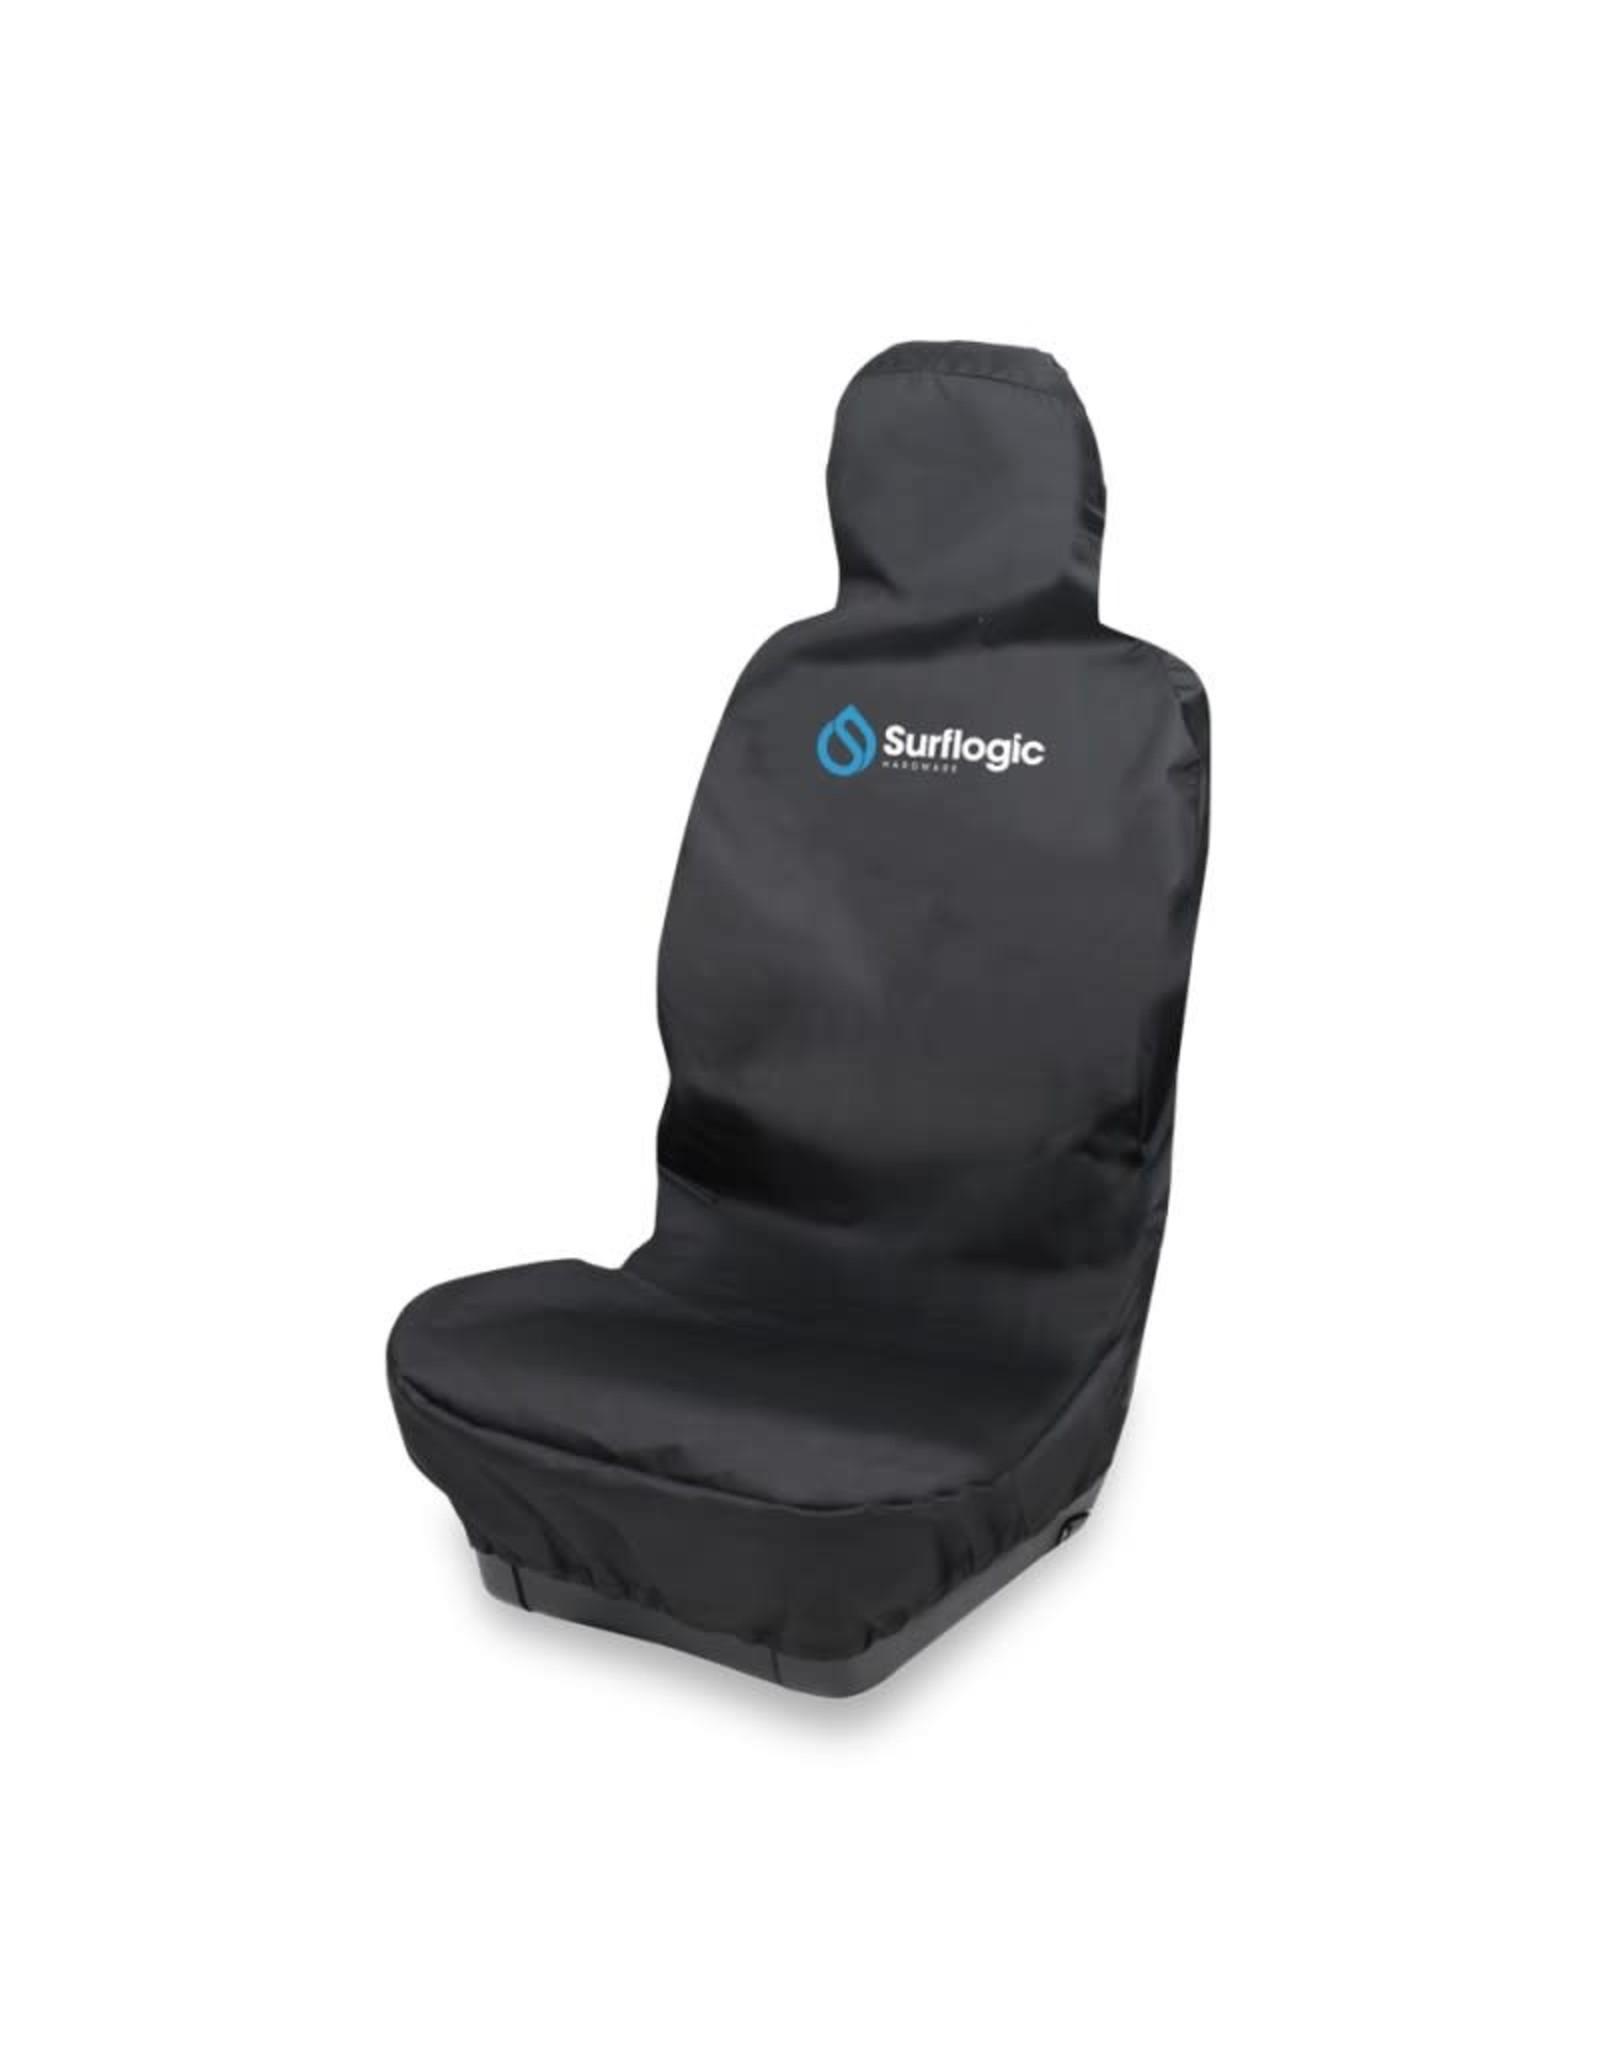 Surflogic Surflogic Waterproof Car Seat Cover Black